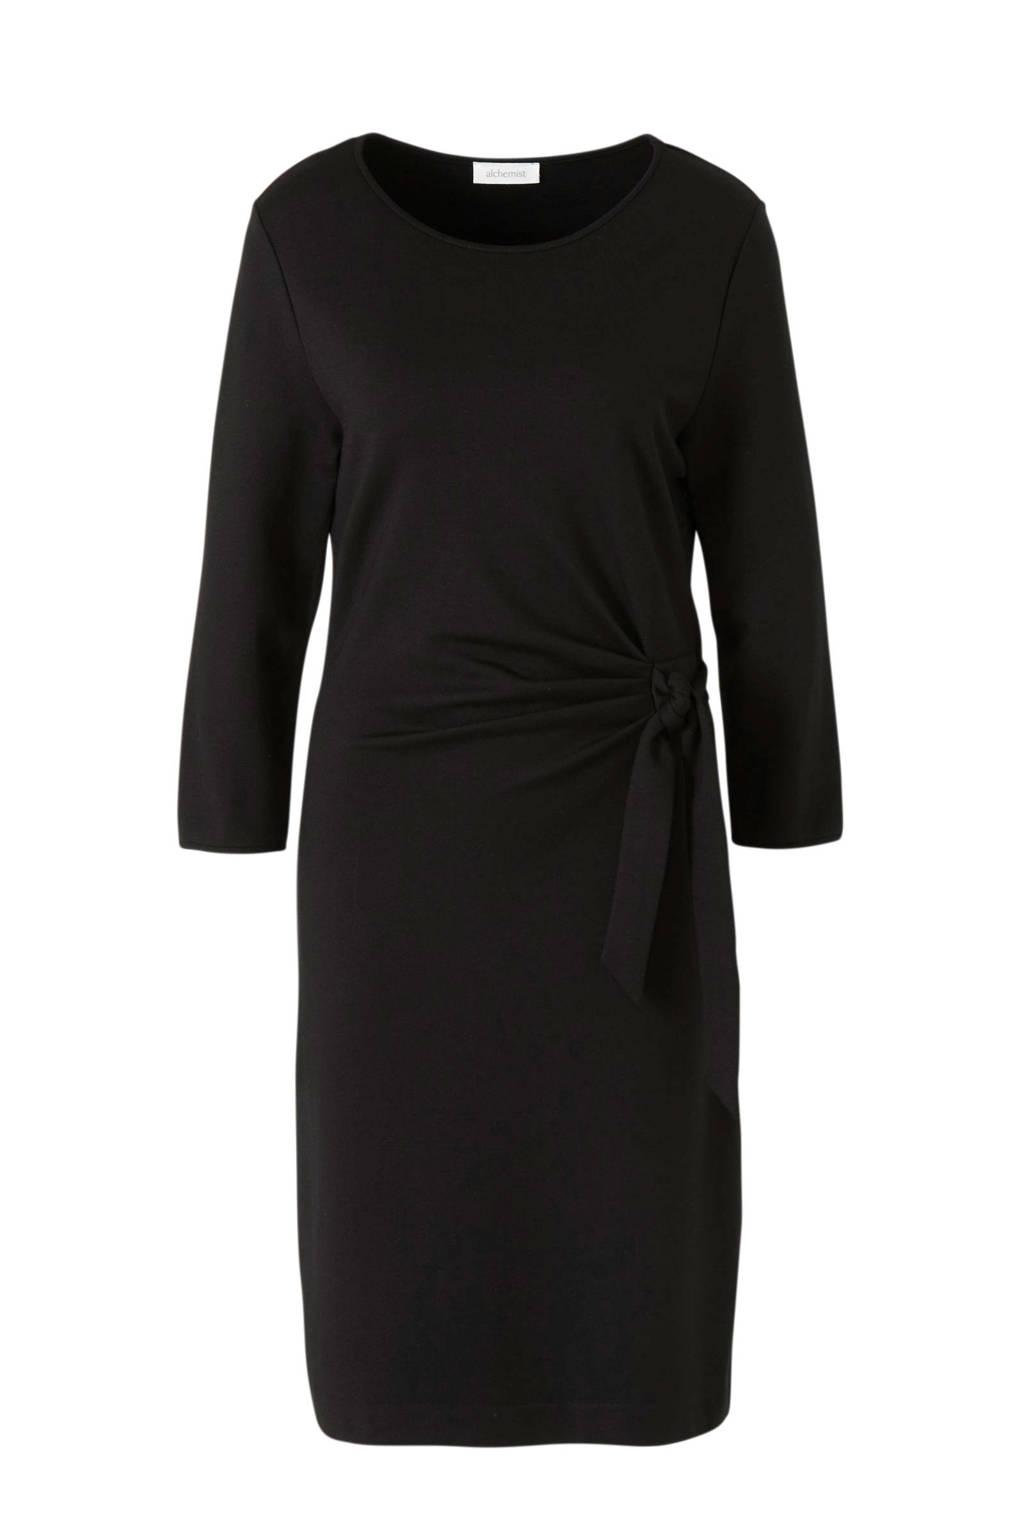 alchemist jersey jurk met ceintuur zwart, Zwart